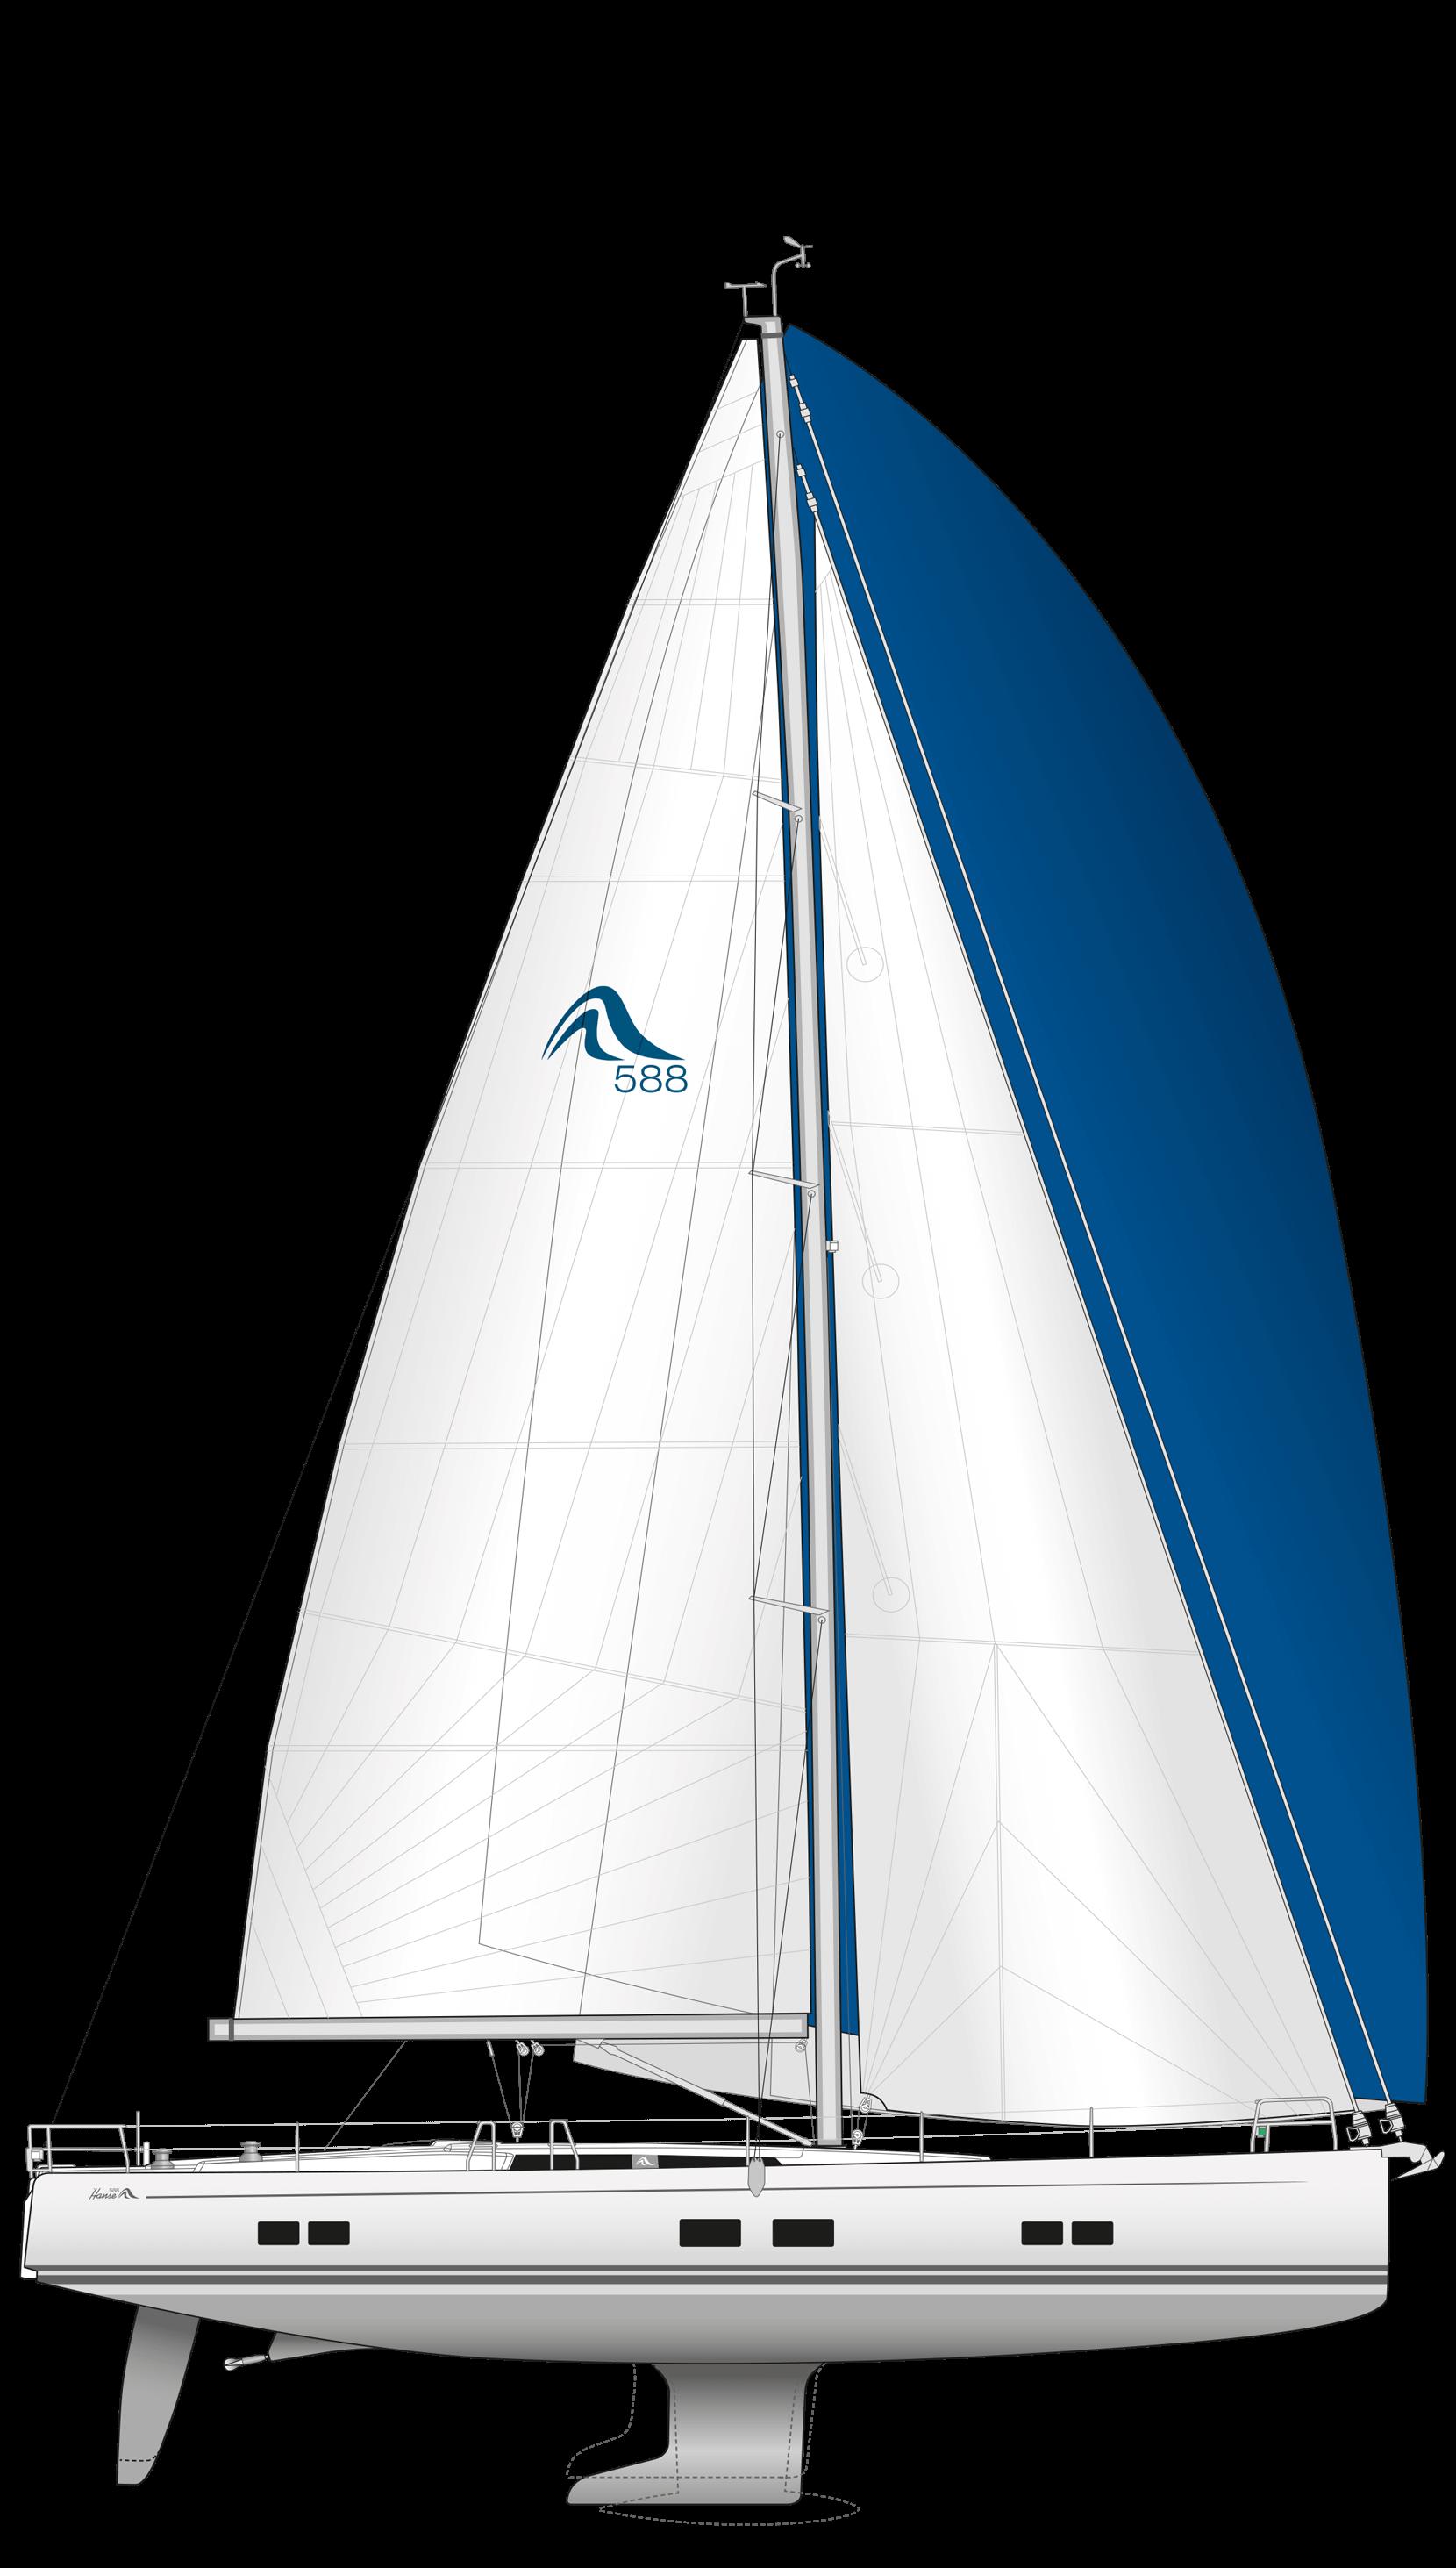 Hanse 588